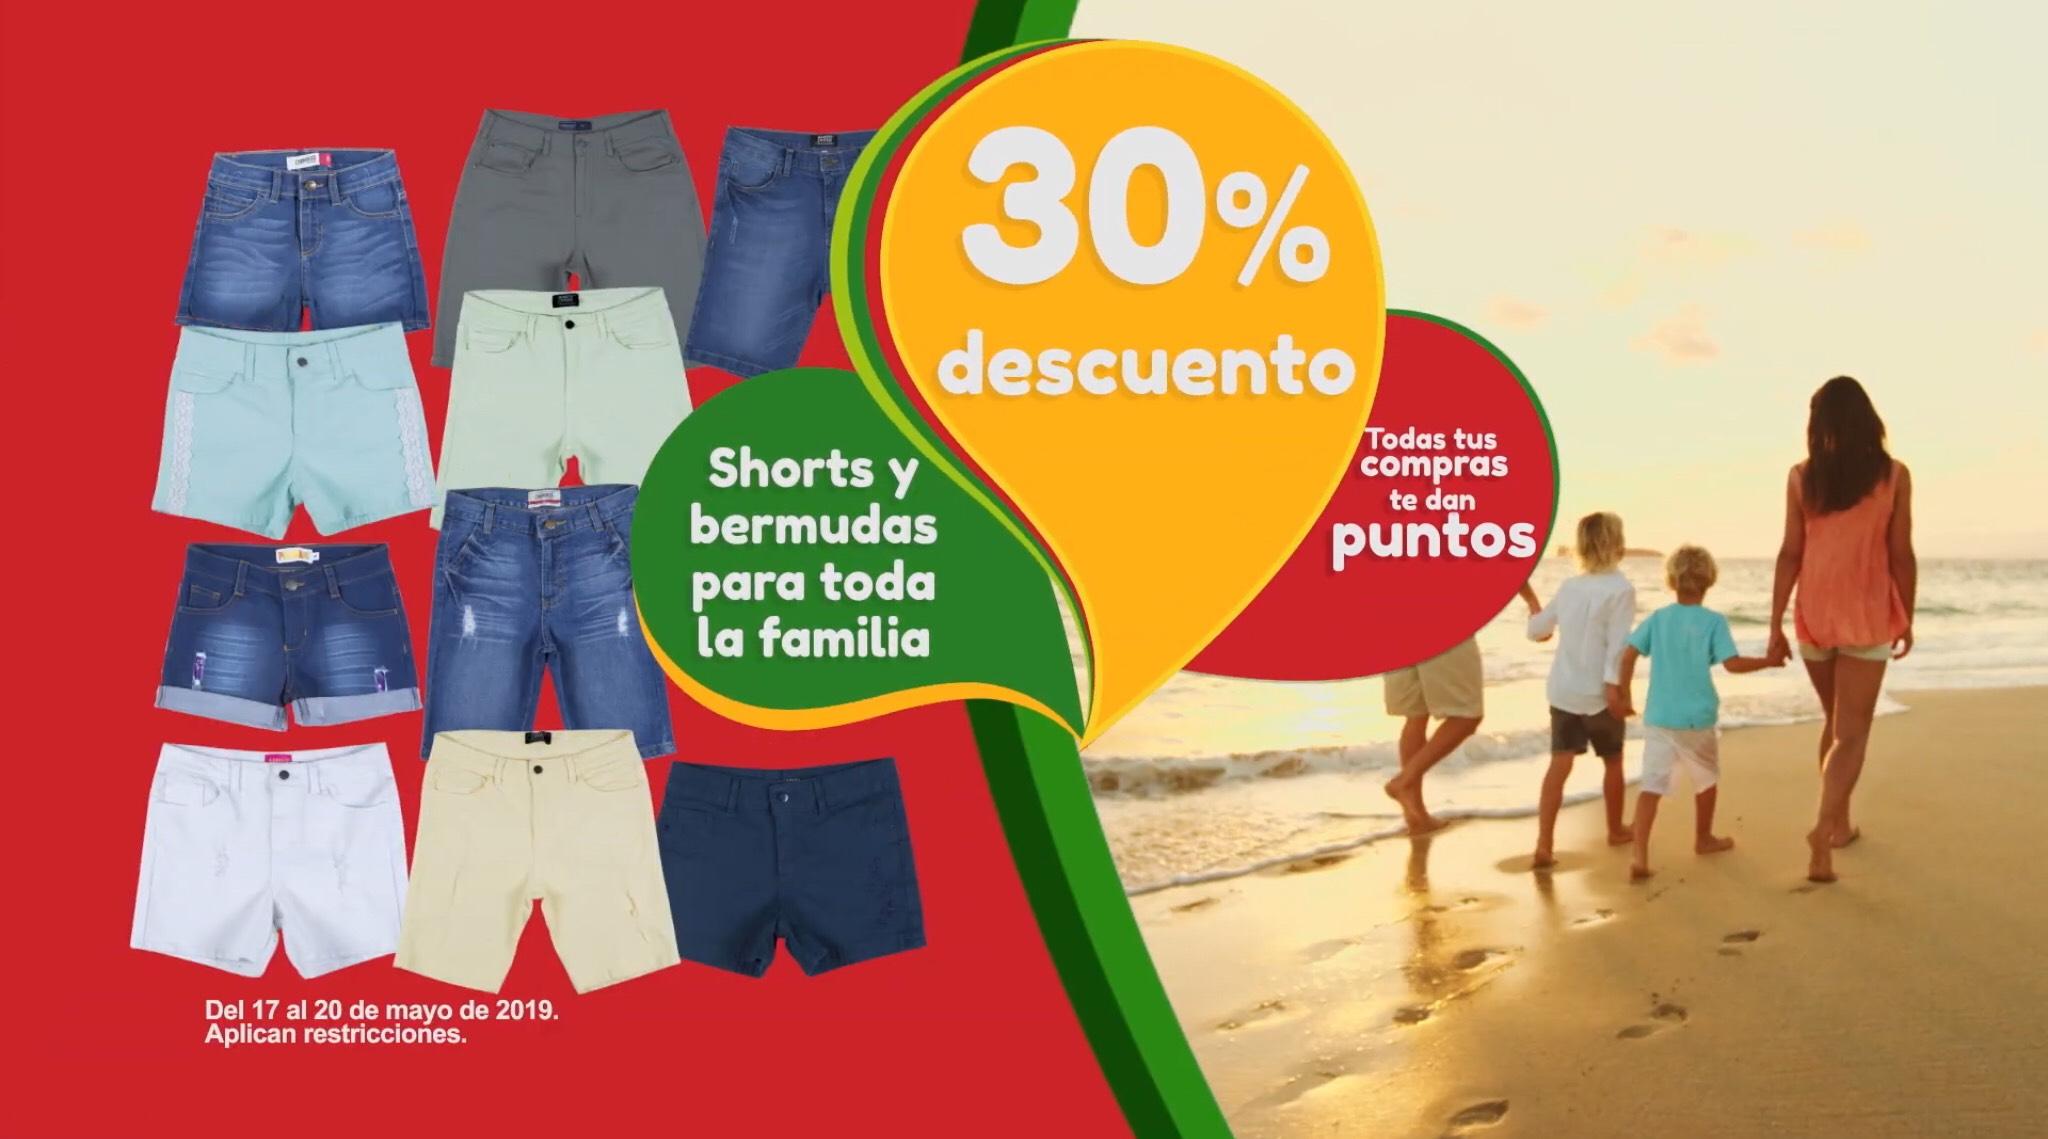 Soriana Híper y Mega: 30% de Descuento en Shorts y Bermudas para toda la Familia al 20 de Mayo 2019